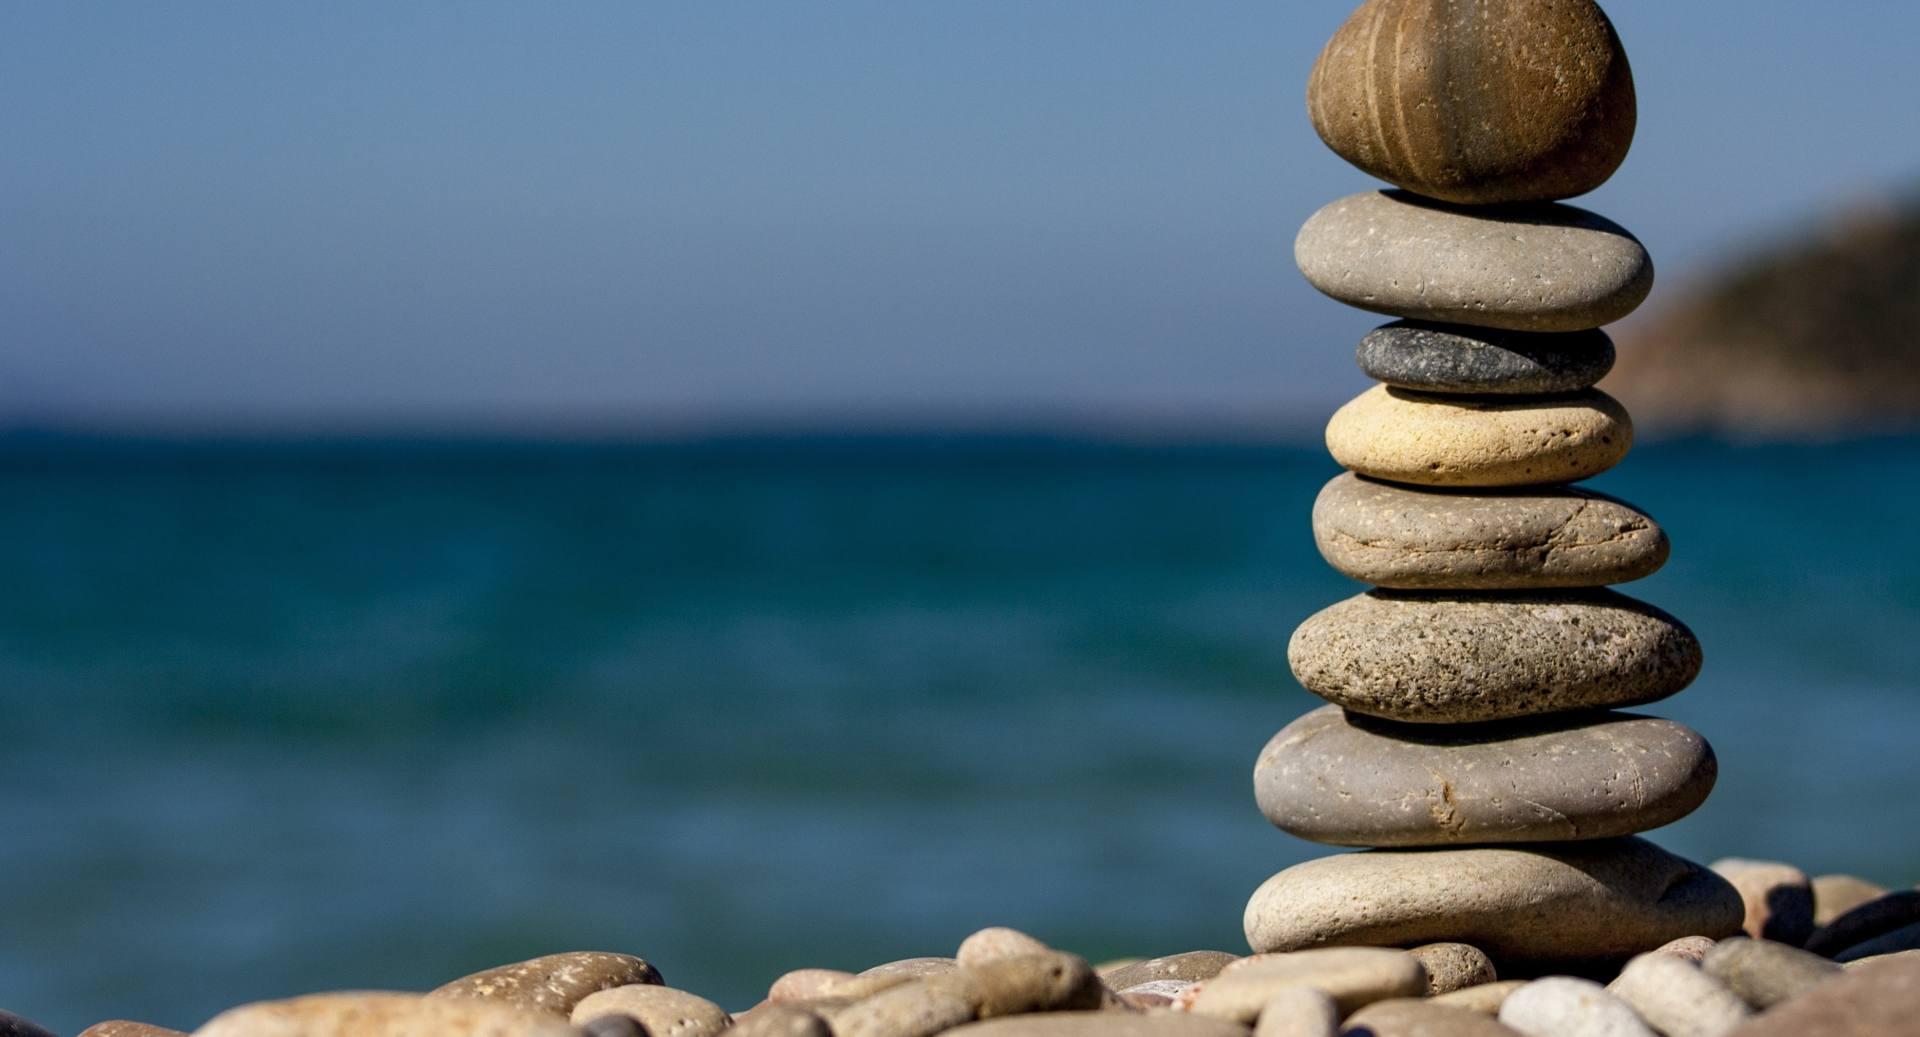 GIRONA - Curs de consciència plena i reducció de l'estrès: Mindfulness - Edició MATINS